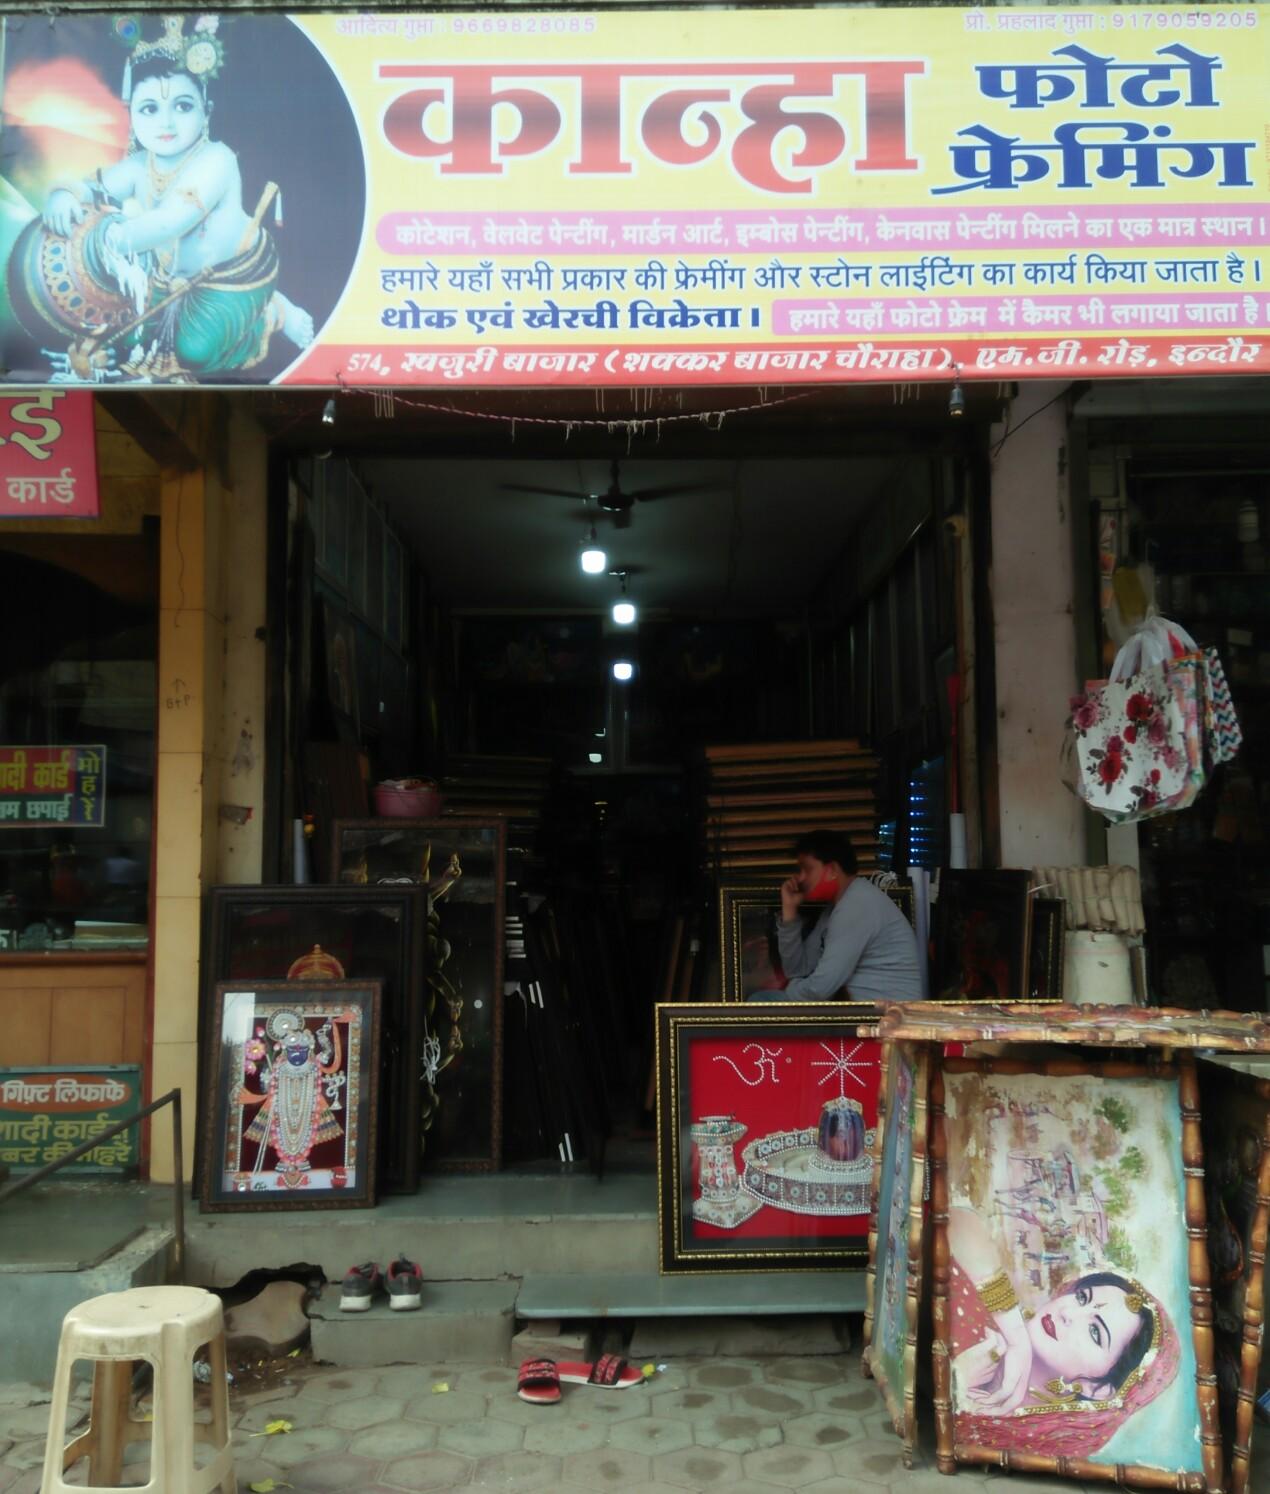 Kanha photo framing